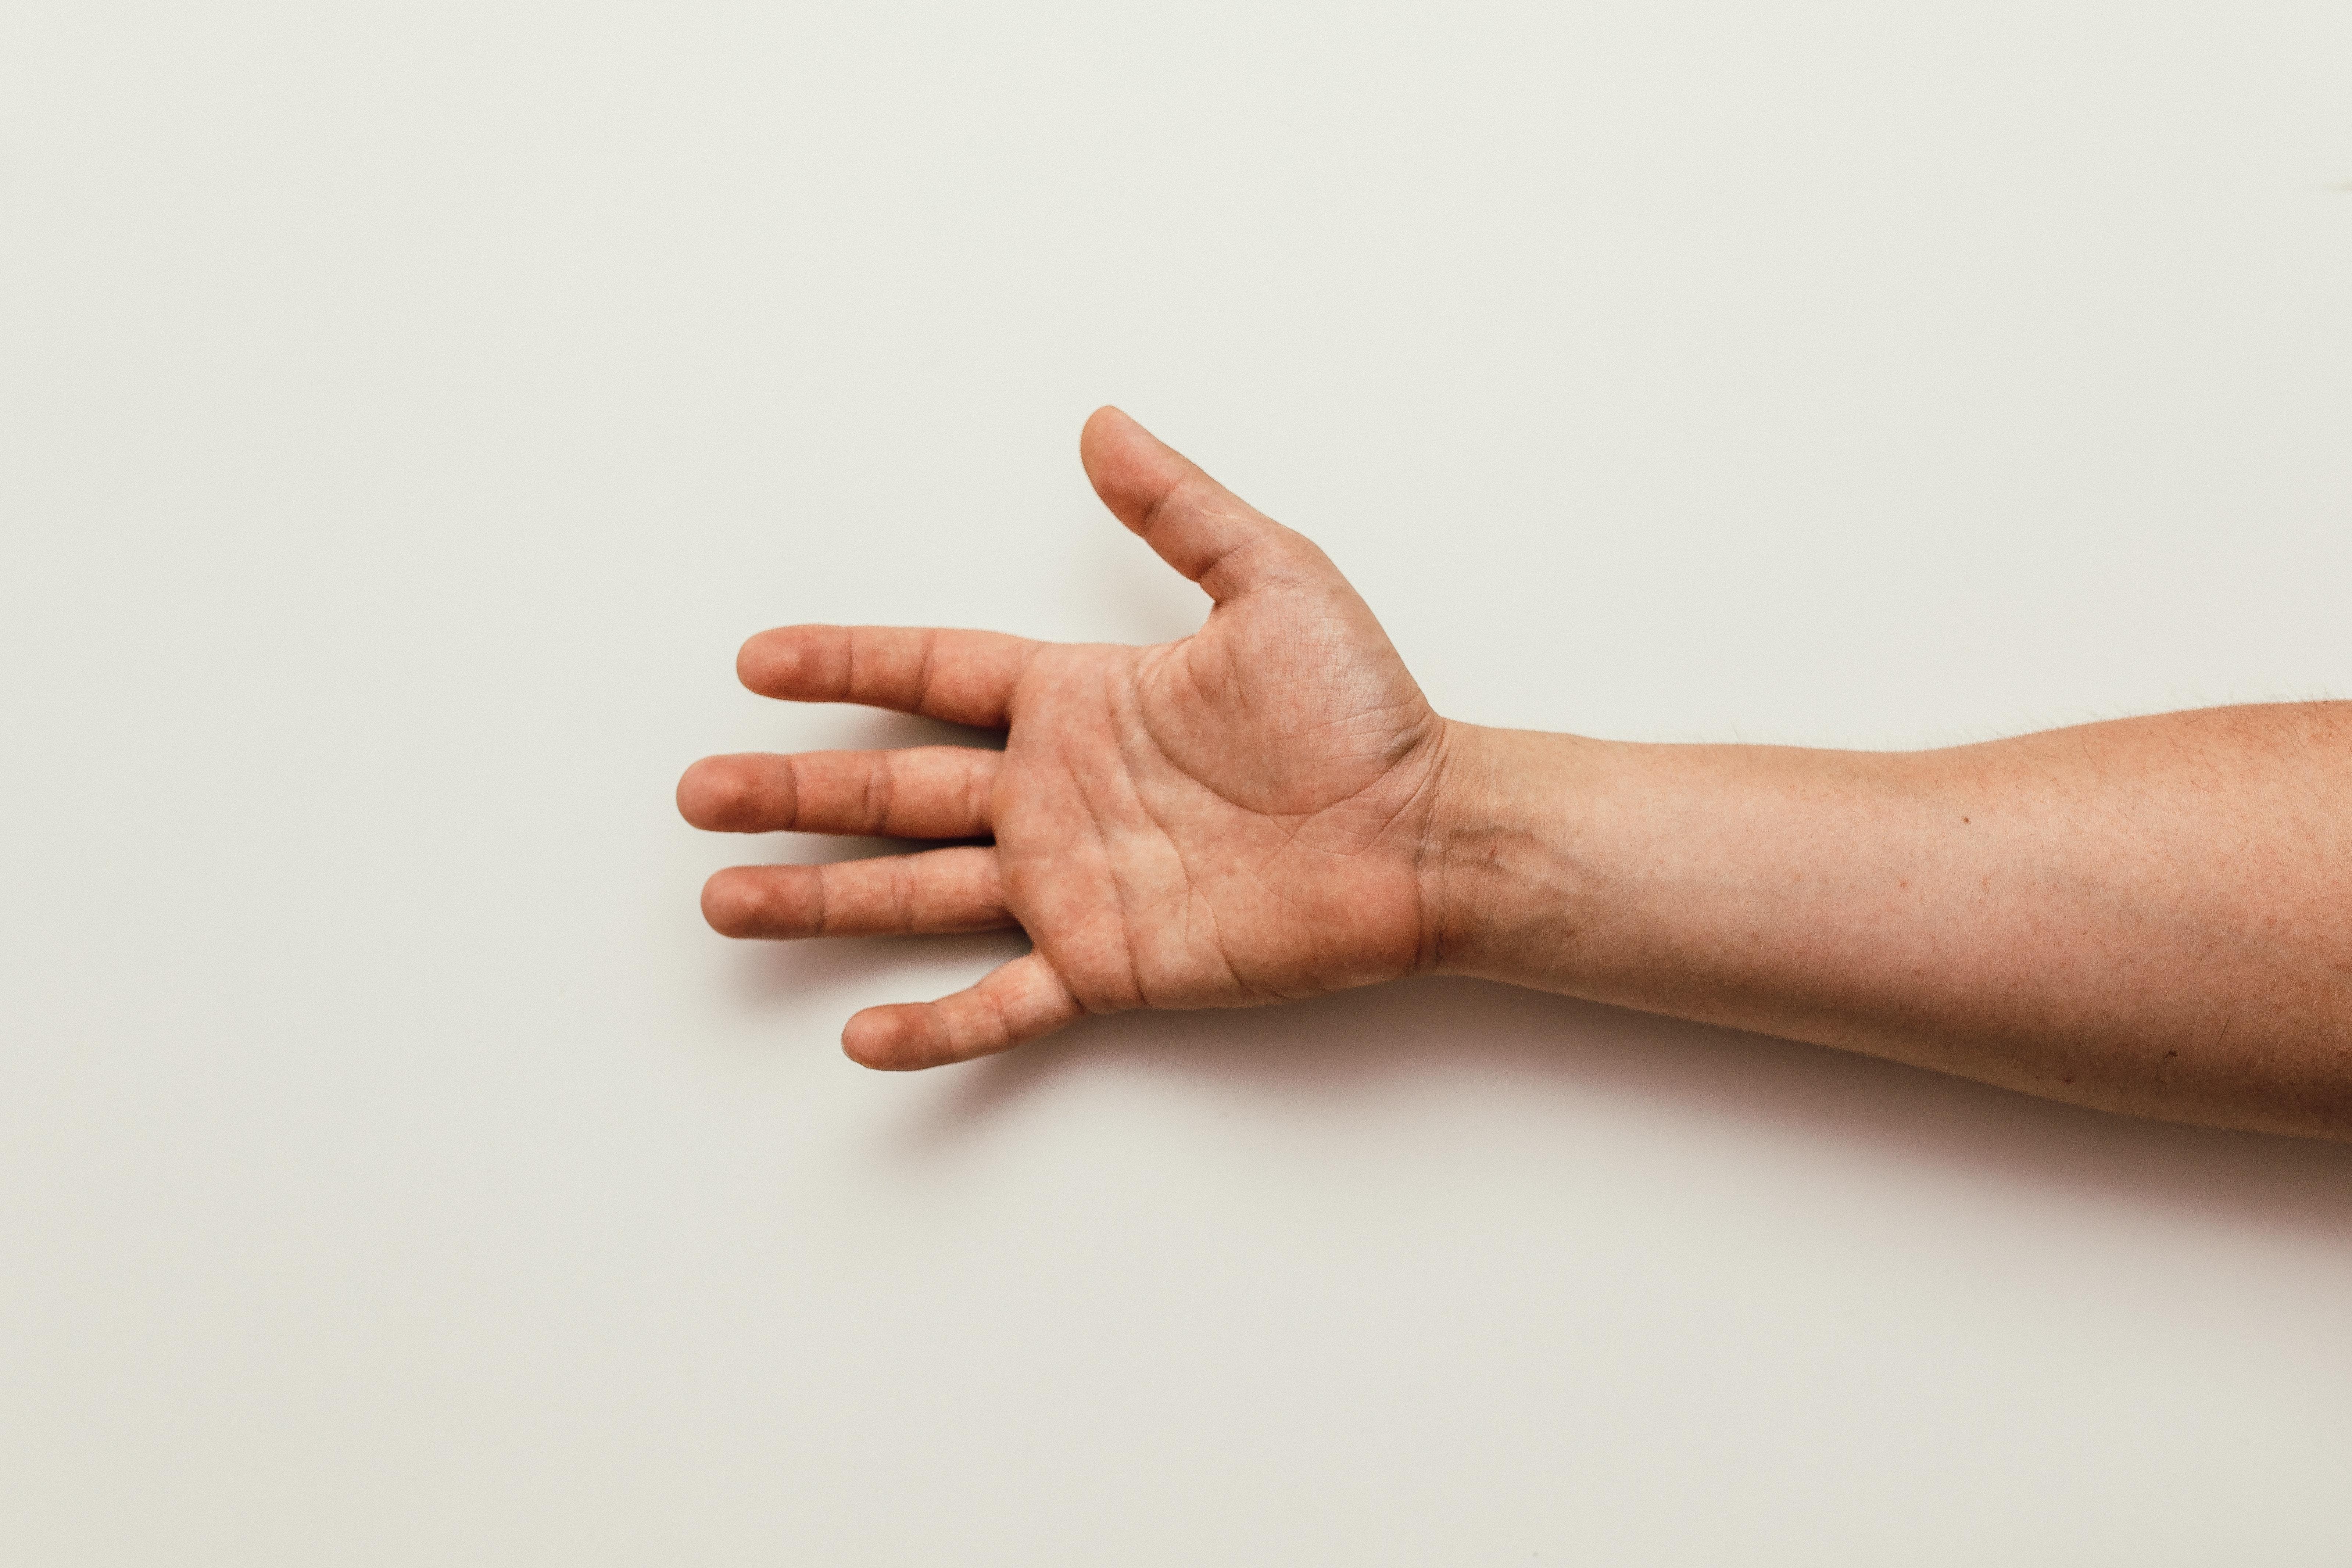 Занимаемся самоанализом, используя методику пяти пальцев